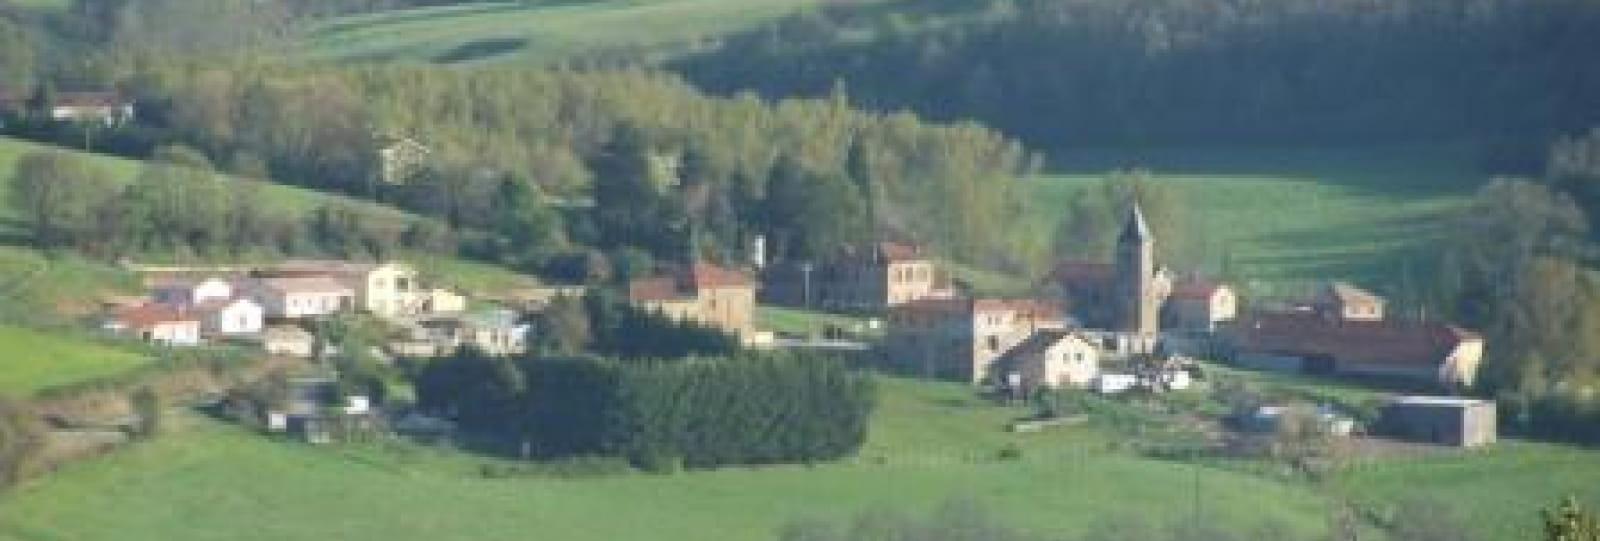 Village de Saint-Laurent-d'Onay